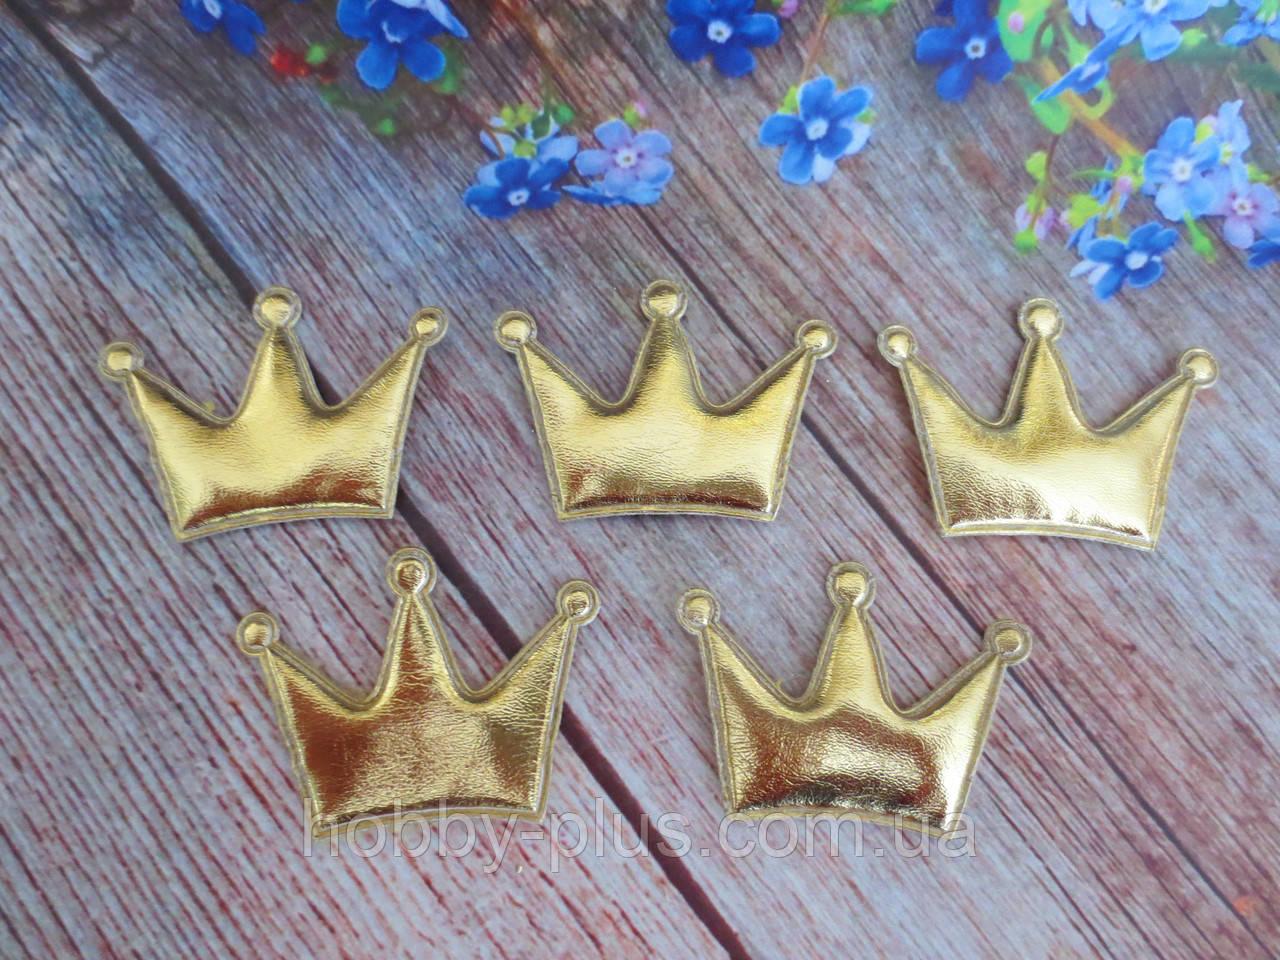 """Аплікація, патчі """"Корона глянець"""", колір золото, 30х40 мм, 1 шт."""